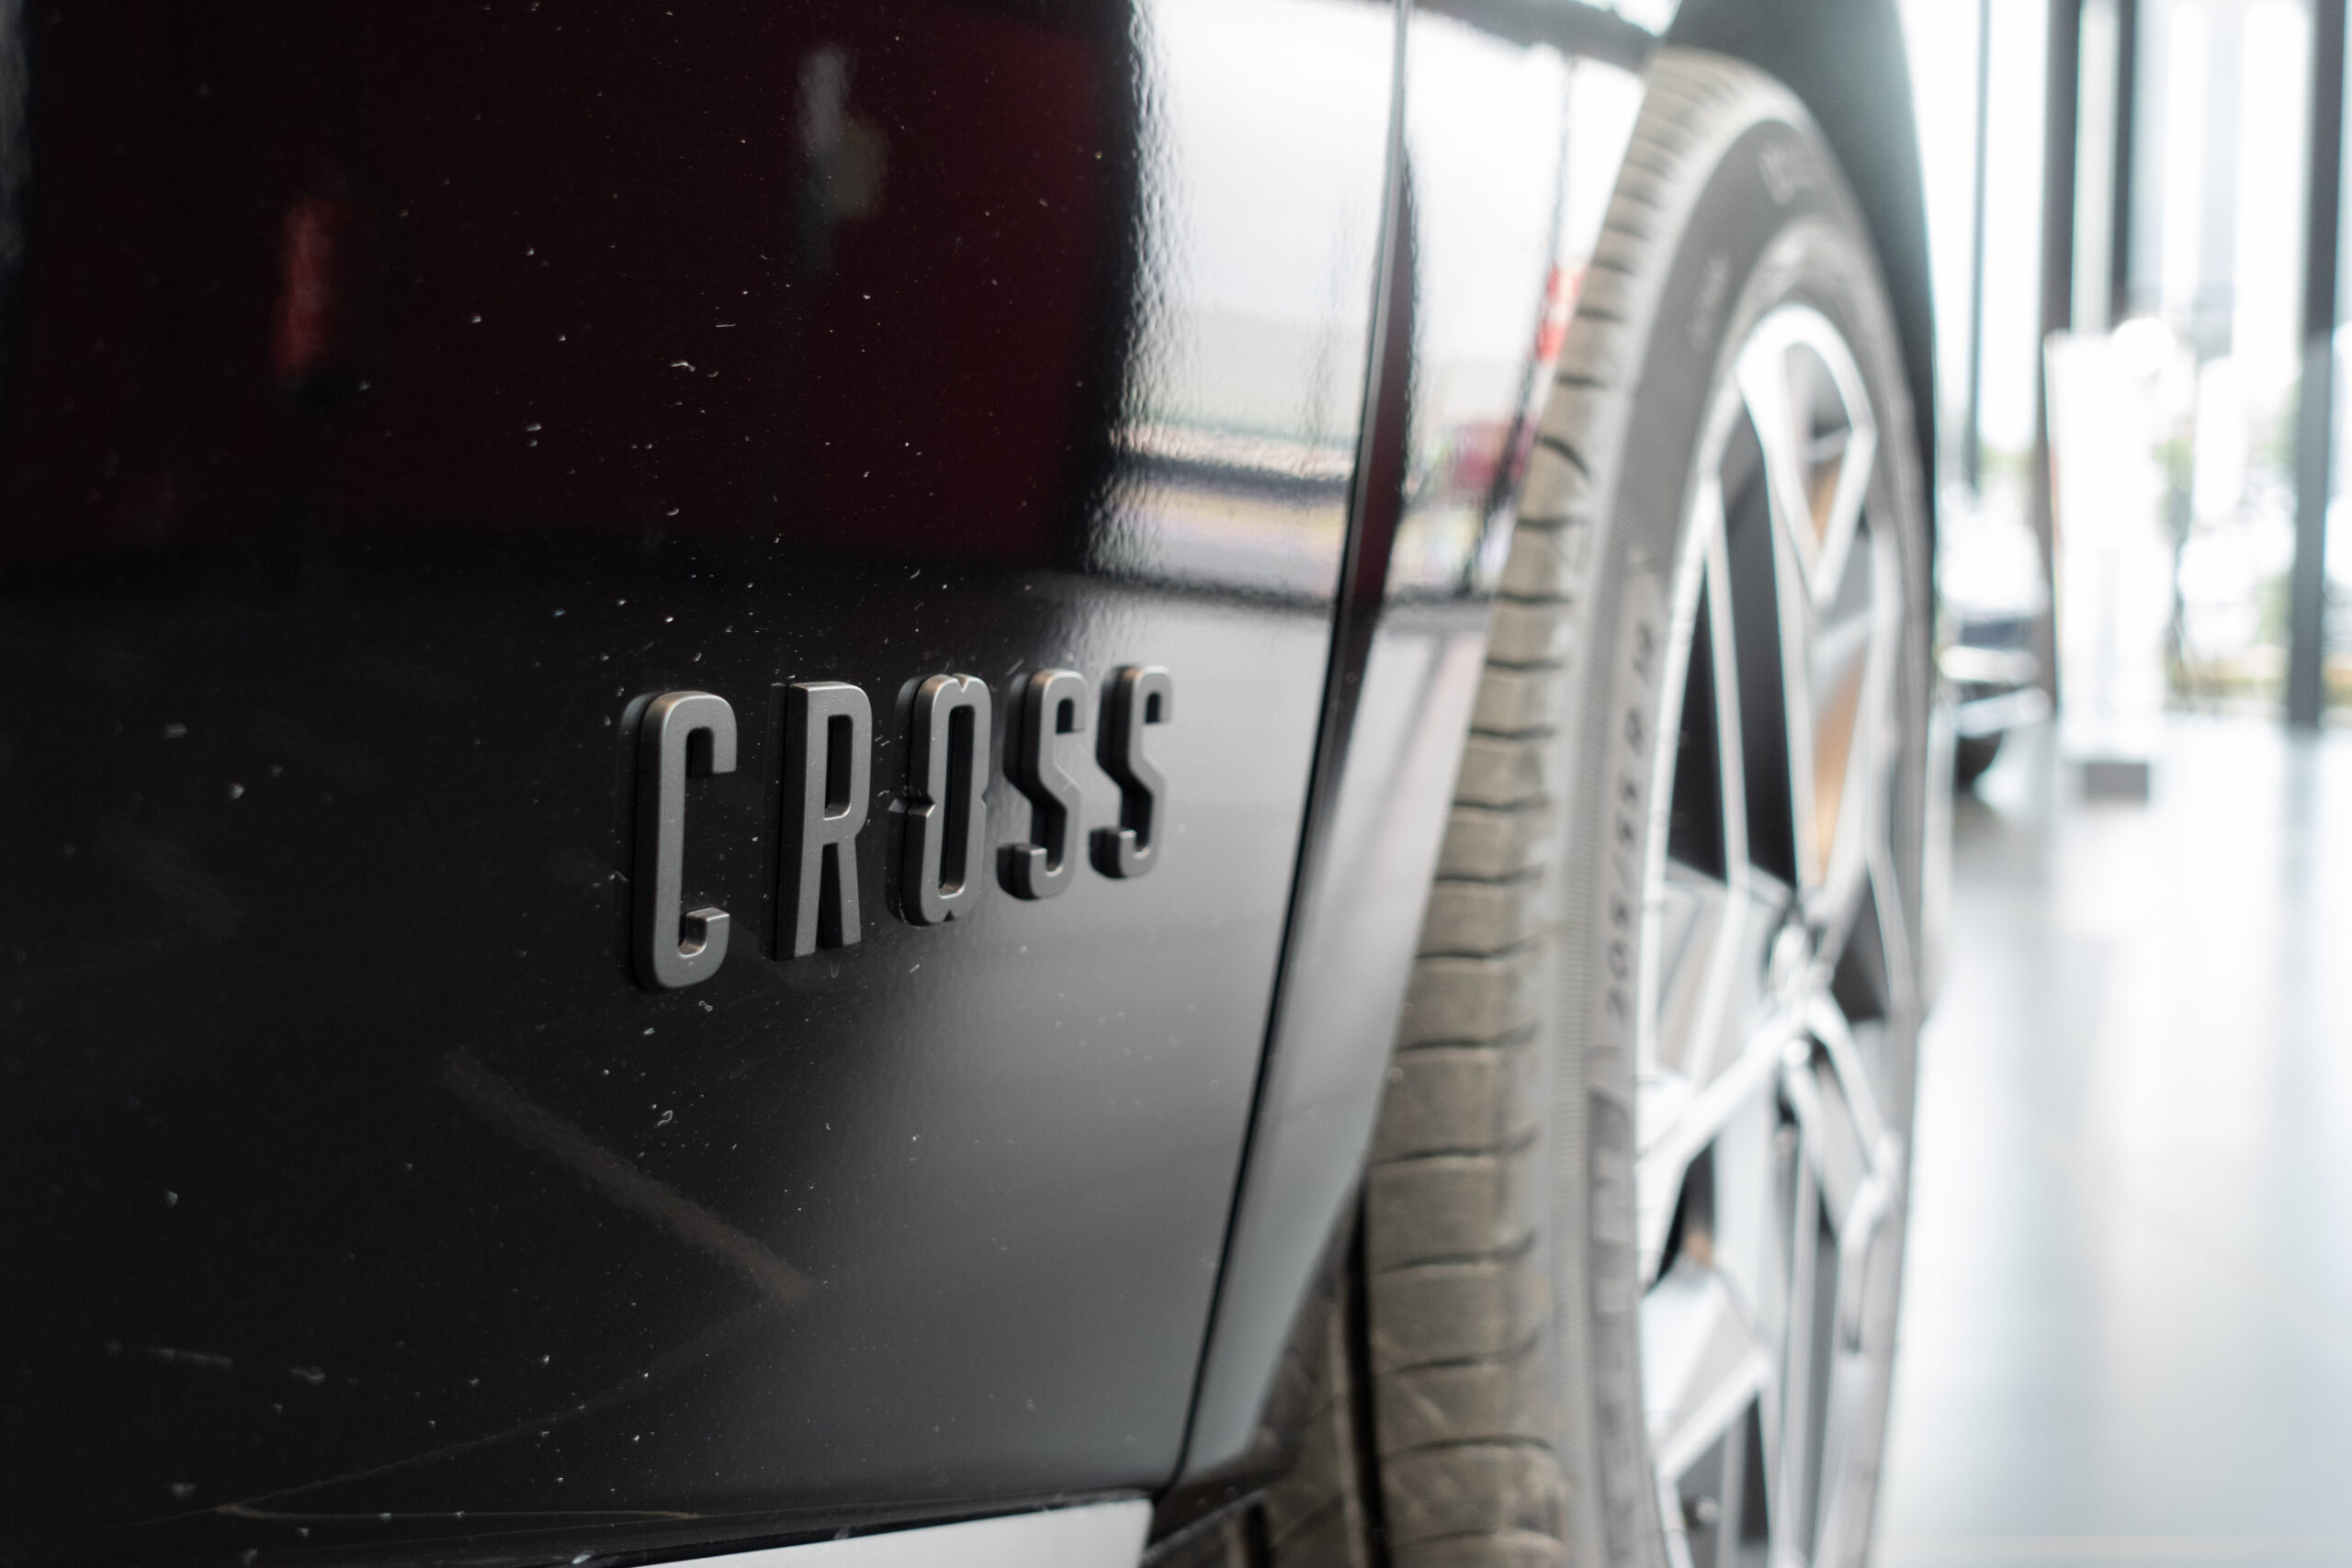 DS4 cross zwart